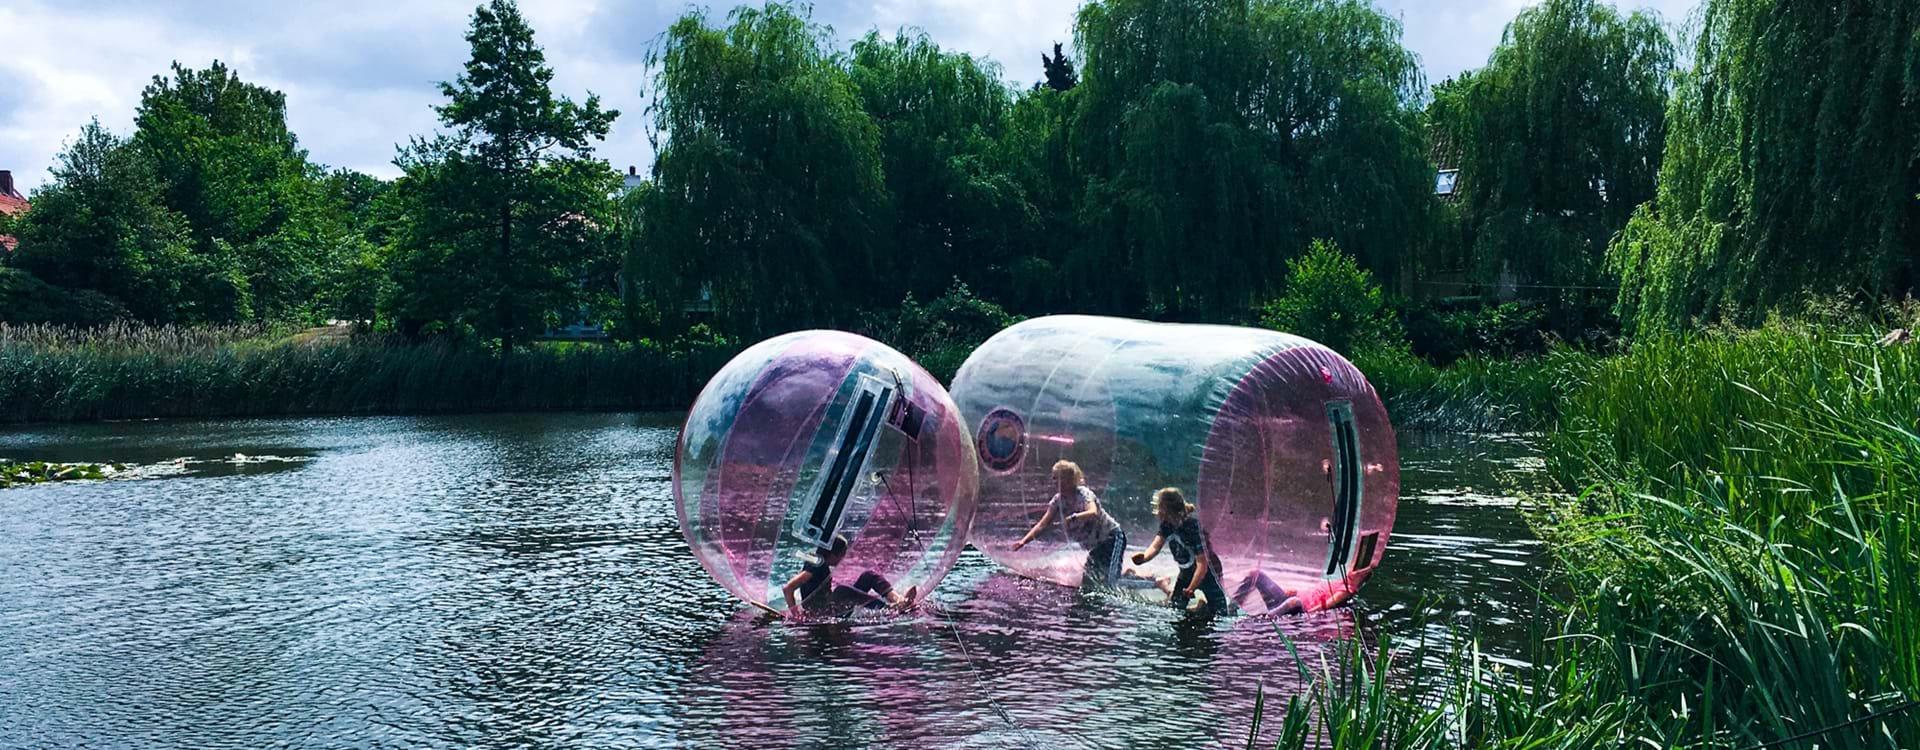 Sommercamp Bobler I Søen Web